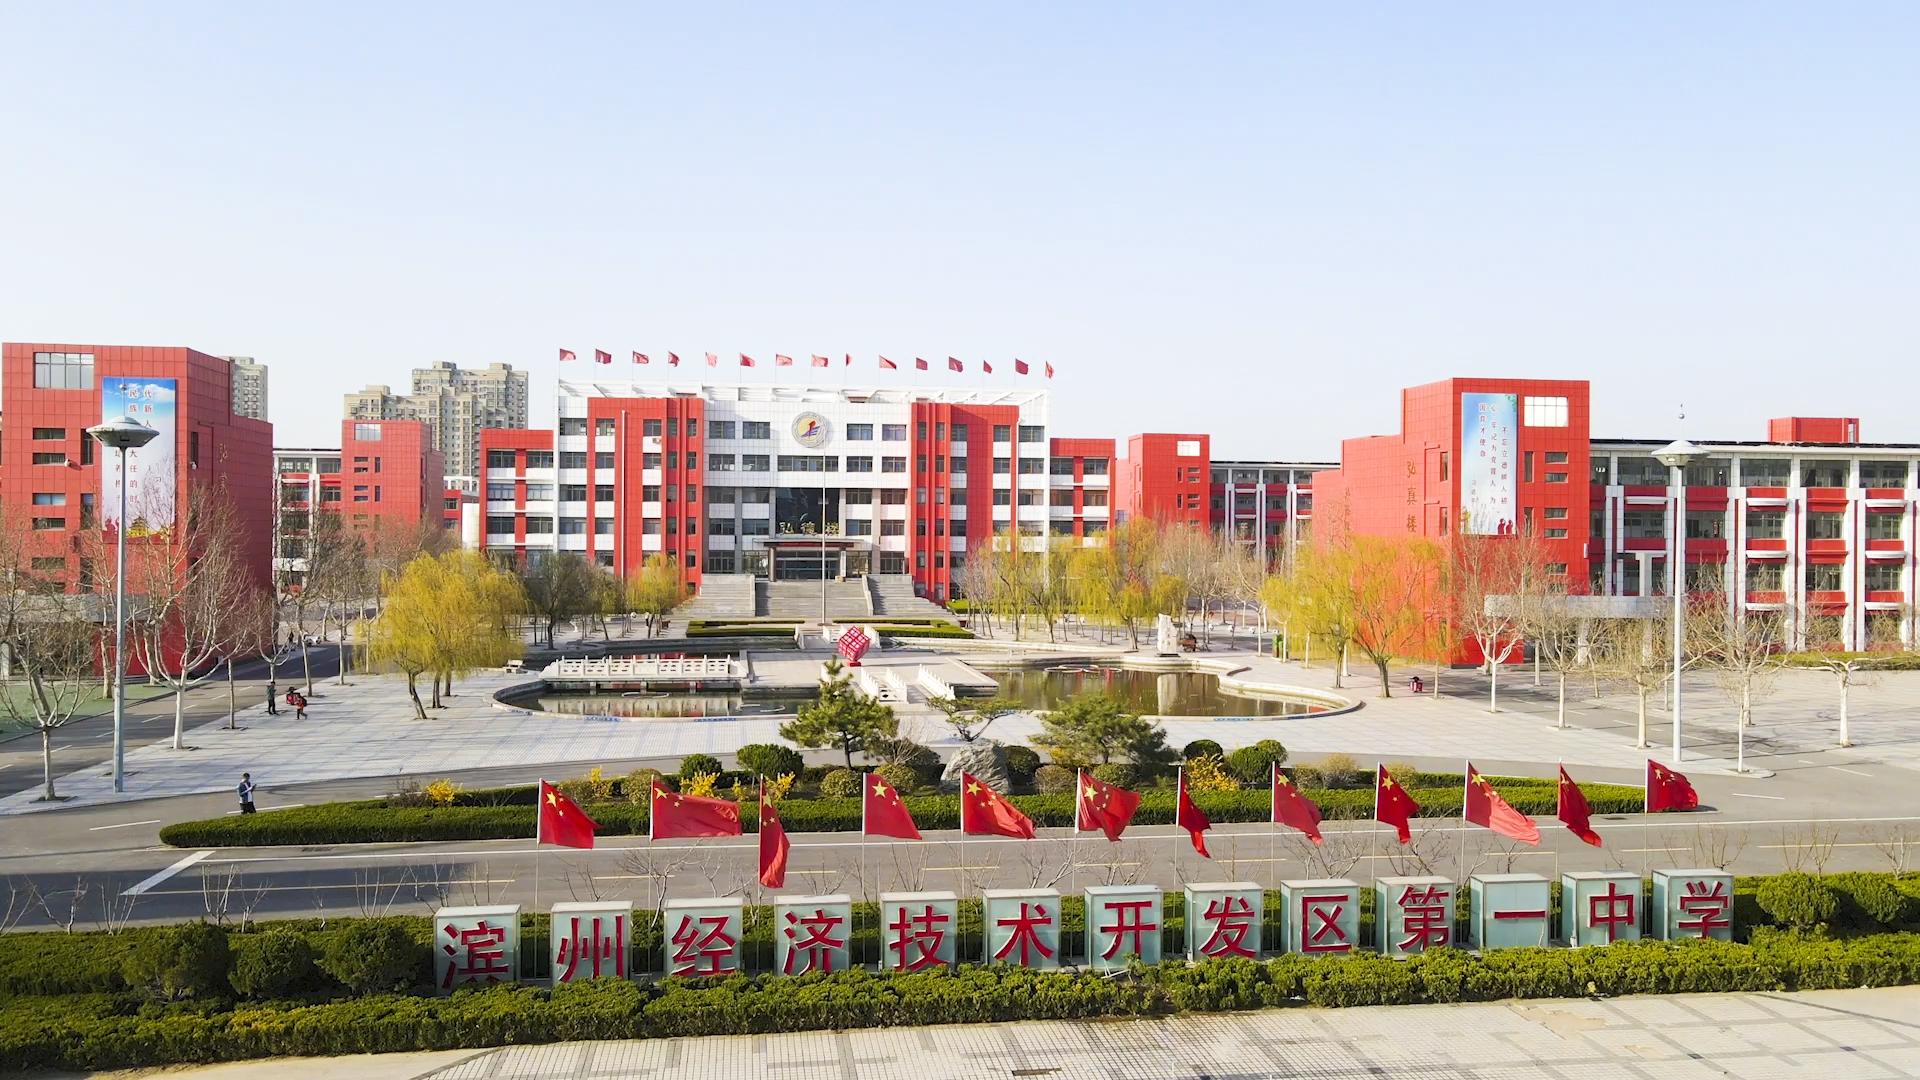 滨州开发区一中:文明之风吹拂校园每个角落